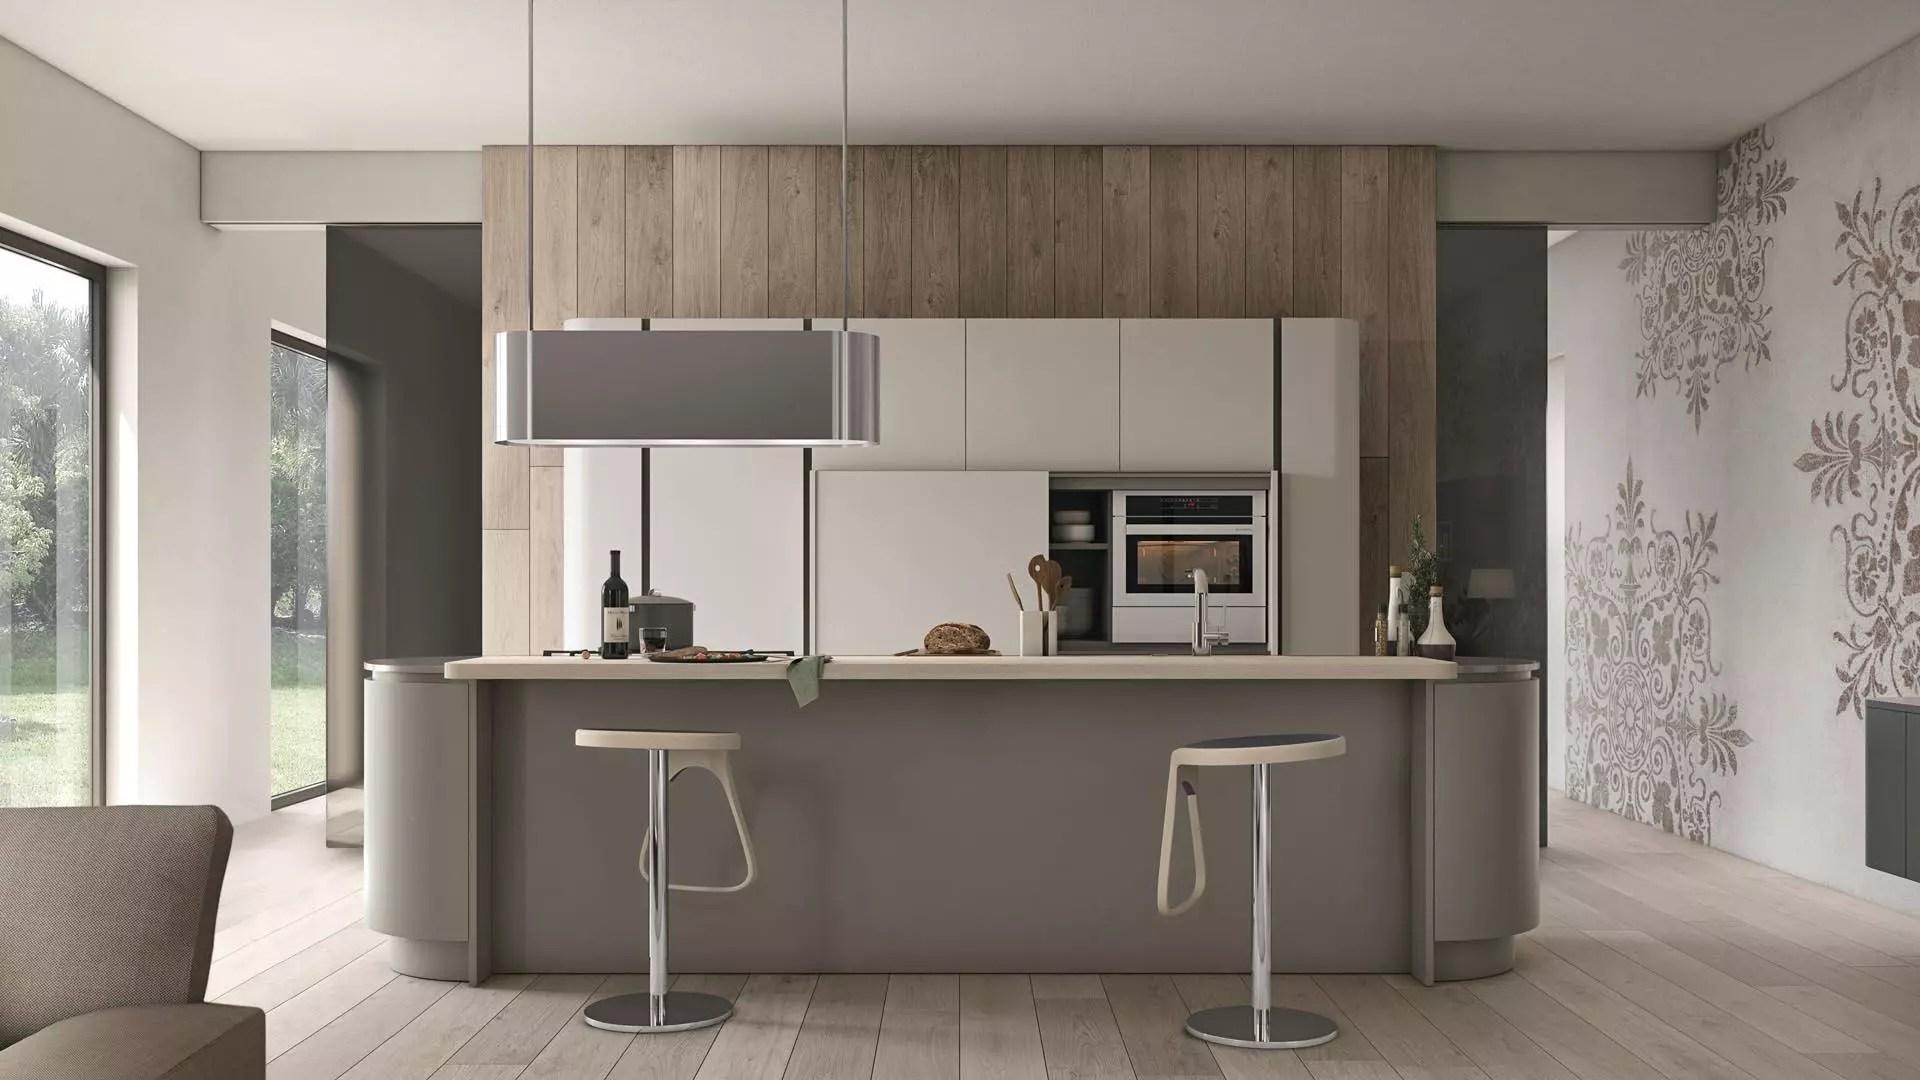 Pittura Per Cucina Colori | Pitture Per Cucine Moderne Excellent ...